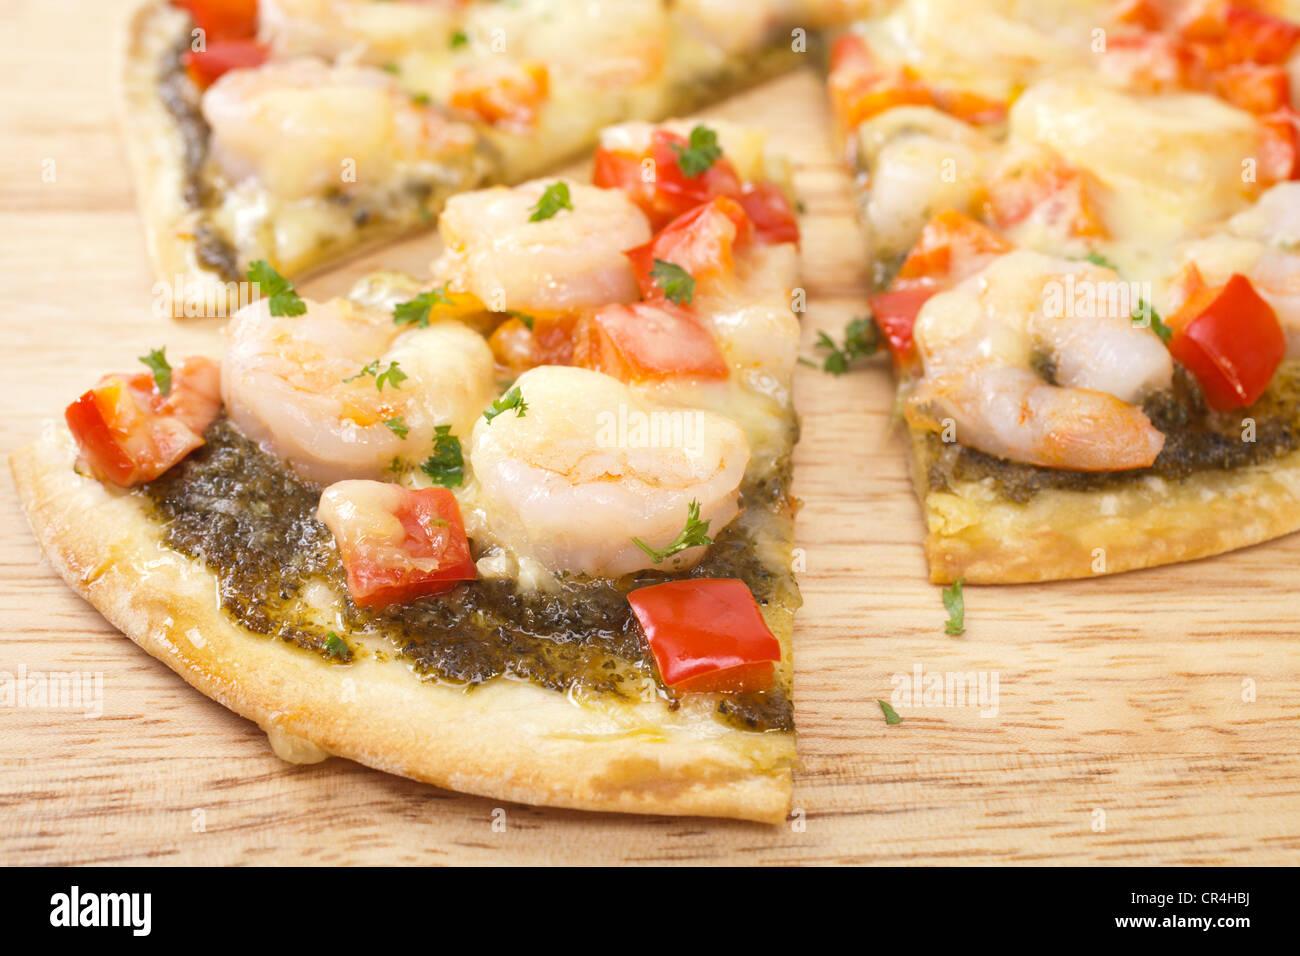 In base croccante pizza guarnita con gamberi e pepe rosso, mozzarella e pesto di basilico. Immagini Stock